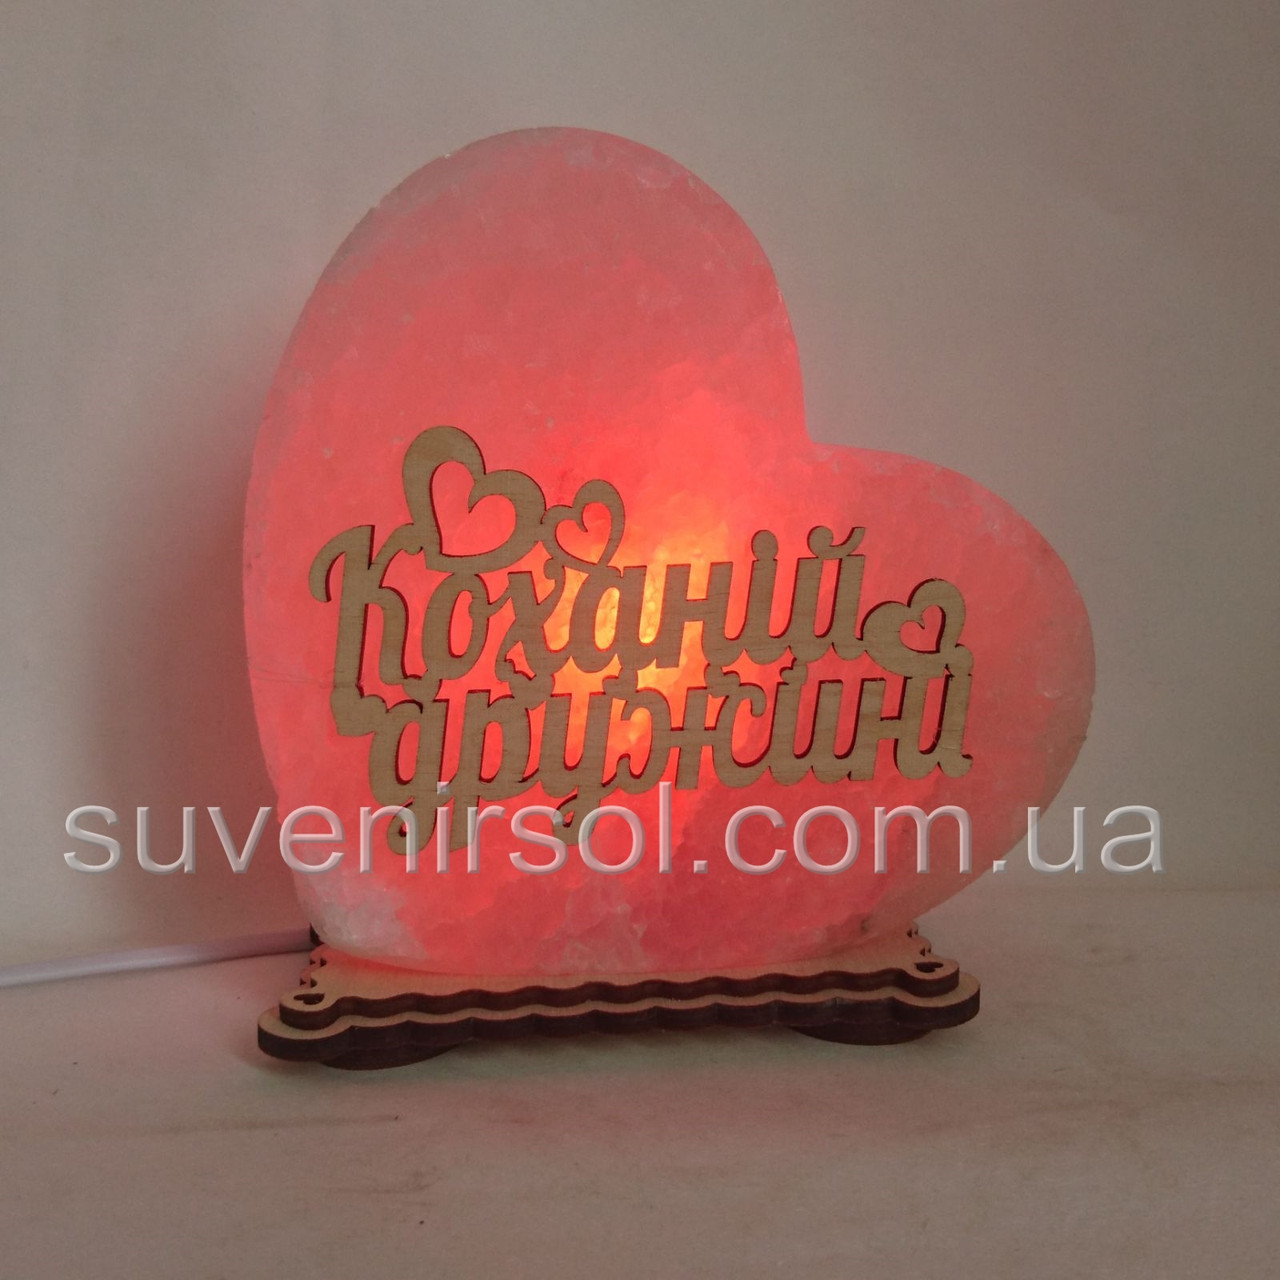 Соляной светильник Сердце большое Коханій дружині